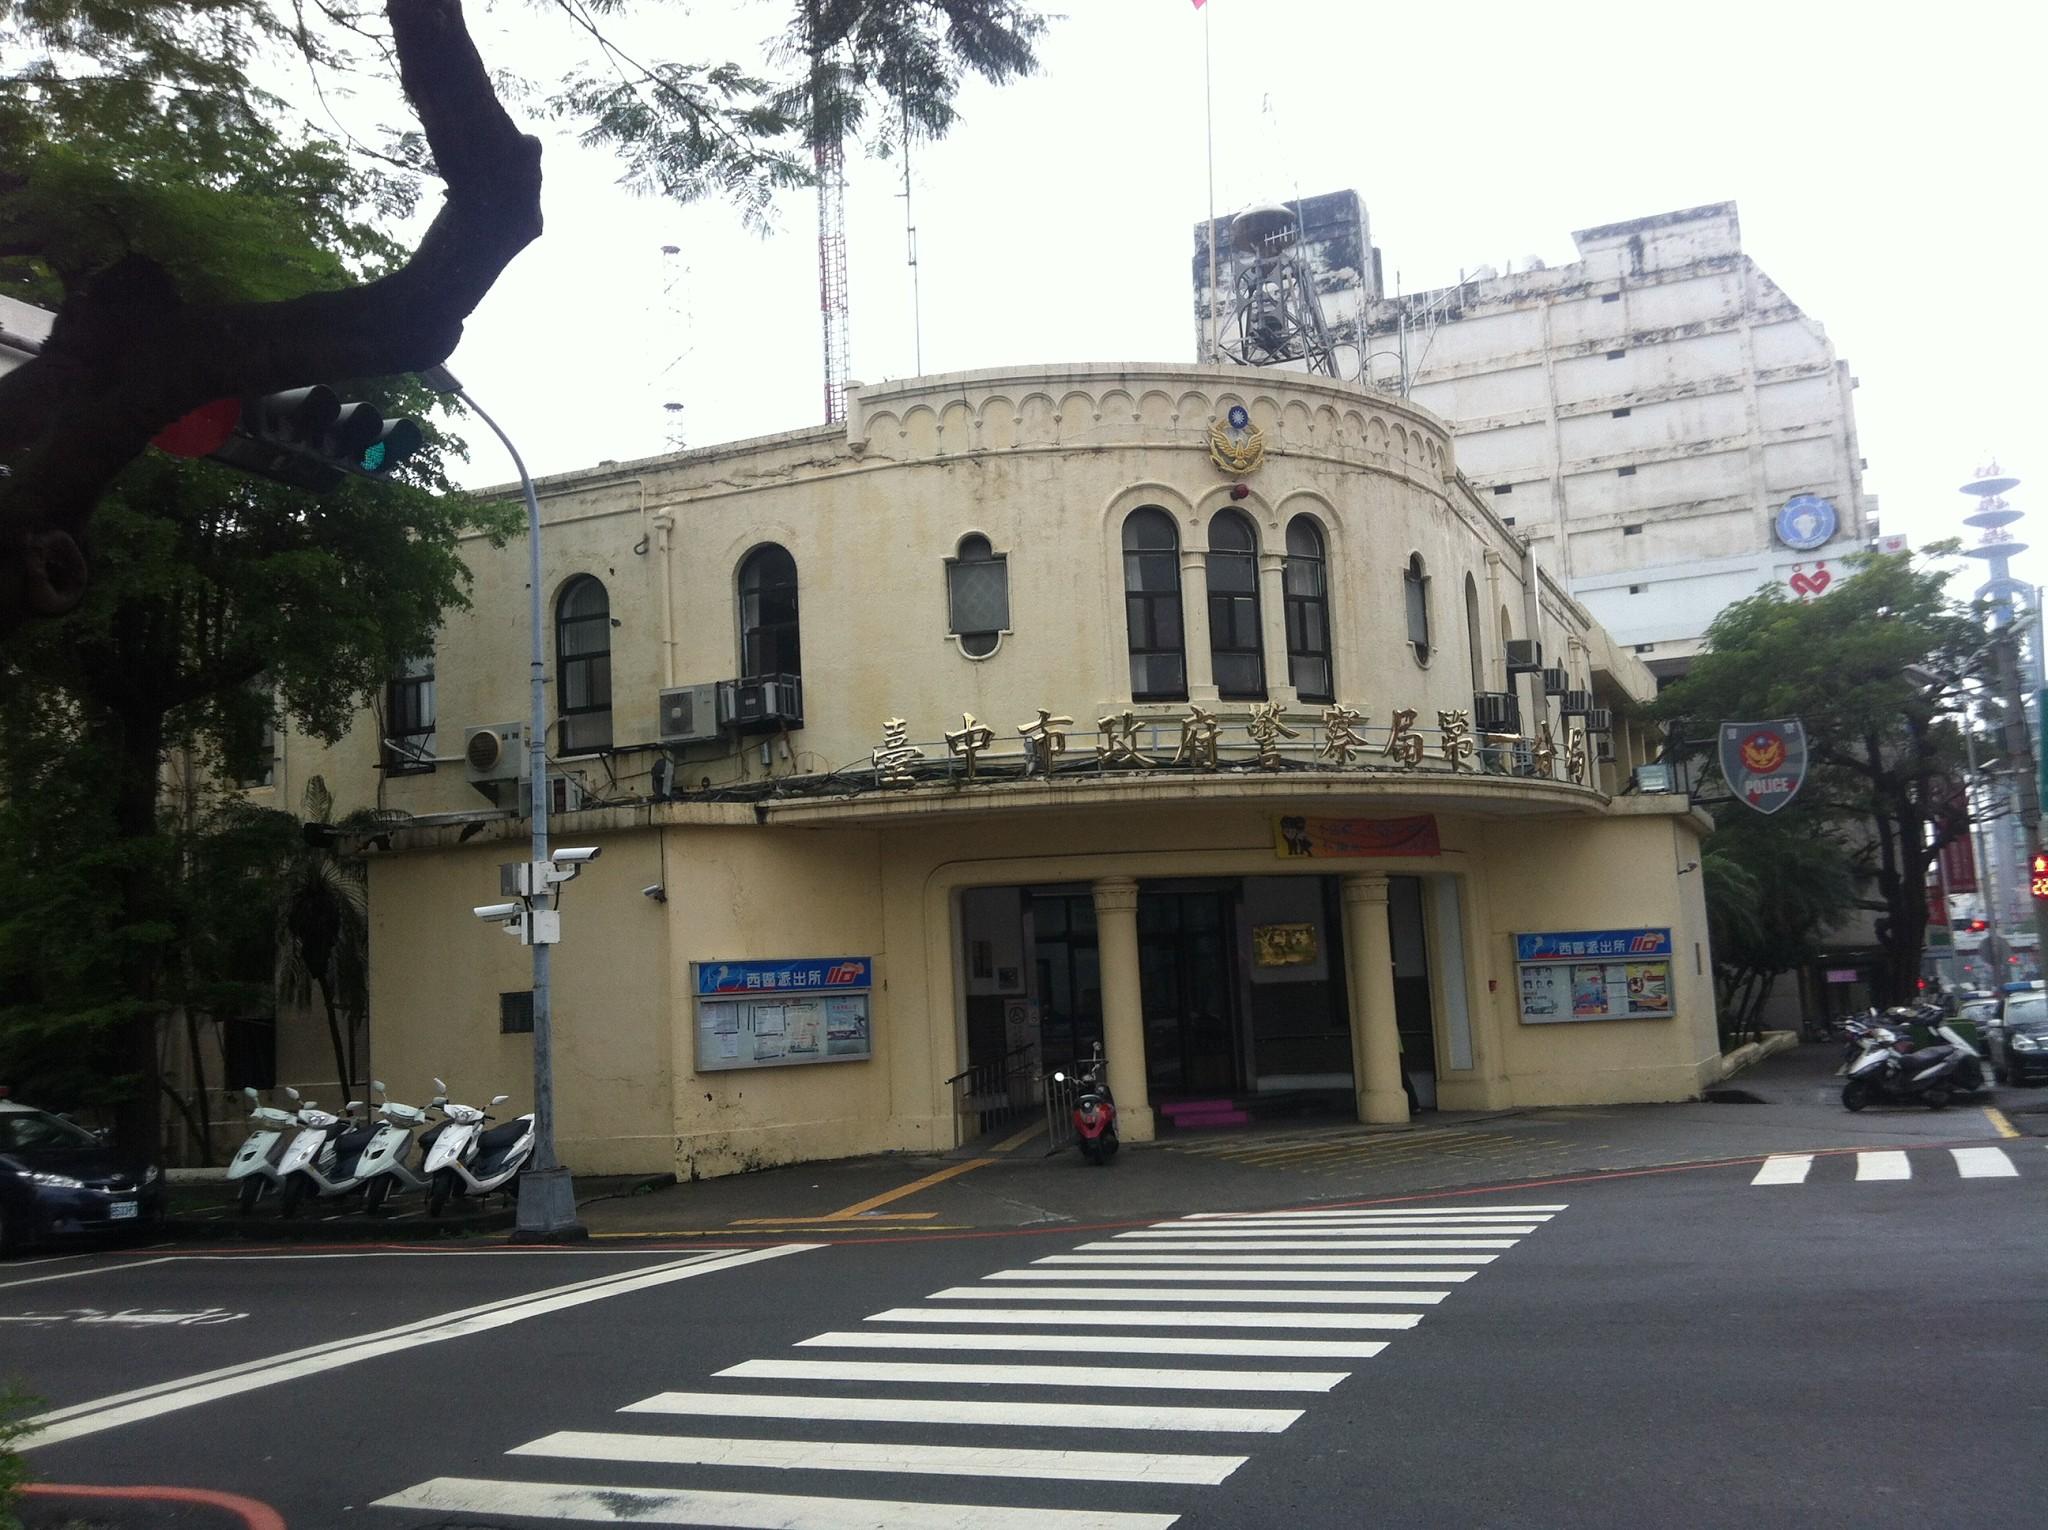 台中市警察局第一分局(旧・台中警察署廳舎)